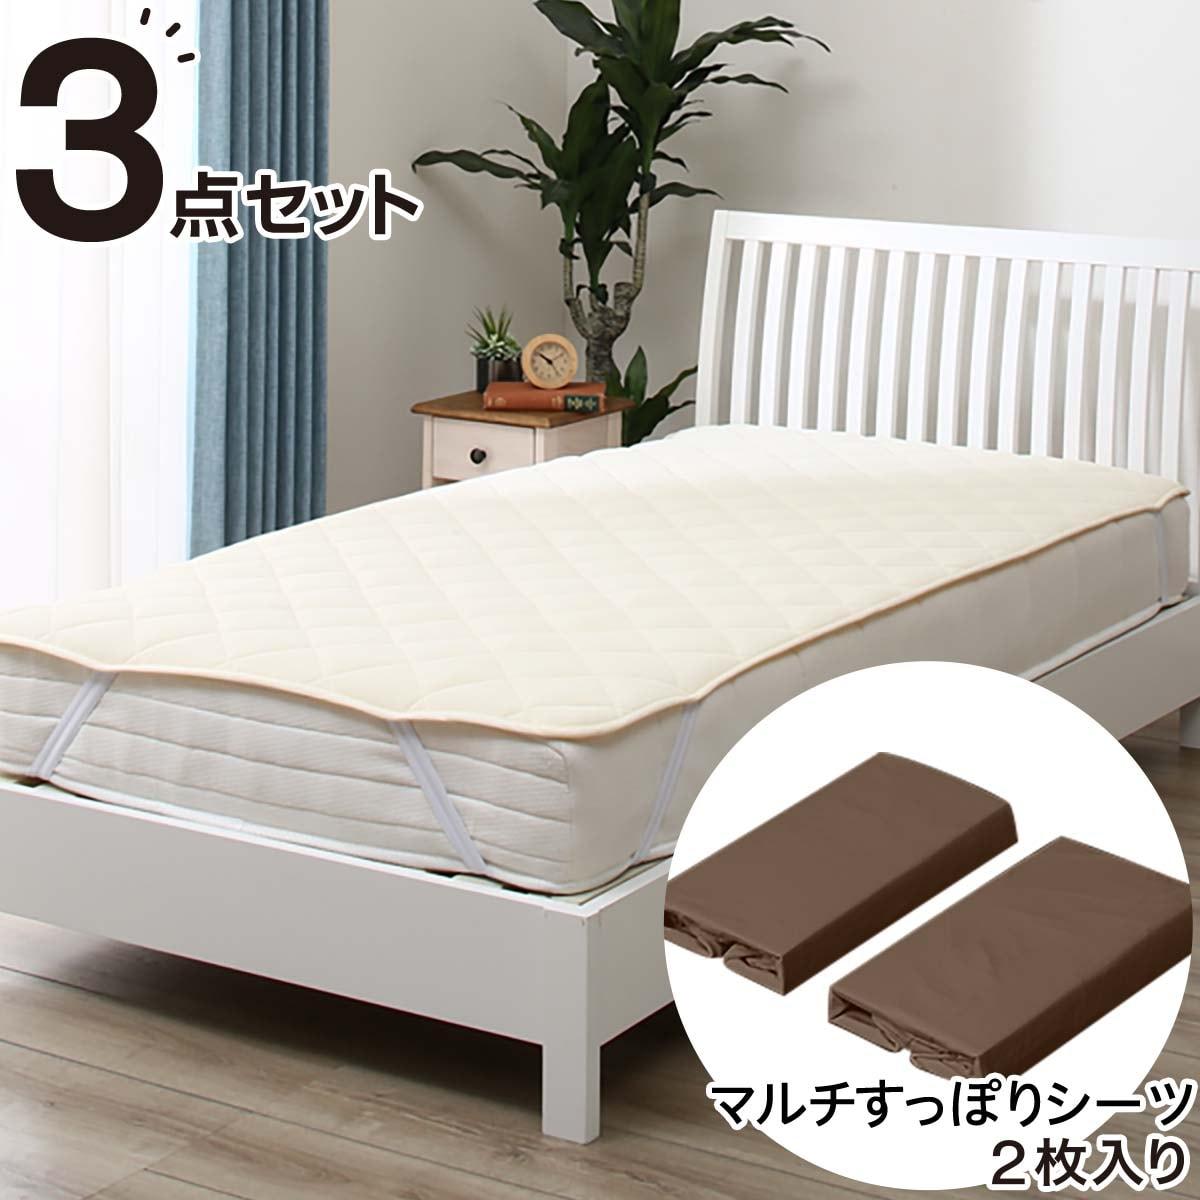 【3点セット】ベッドパッド&マルチすっぽりシーツ ワイドダブル(メッシュ DBR WD) ニトリ 【送料無料・玄関先迄納品】